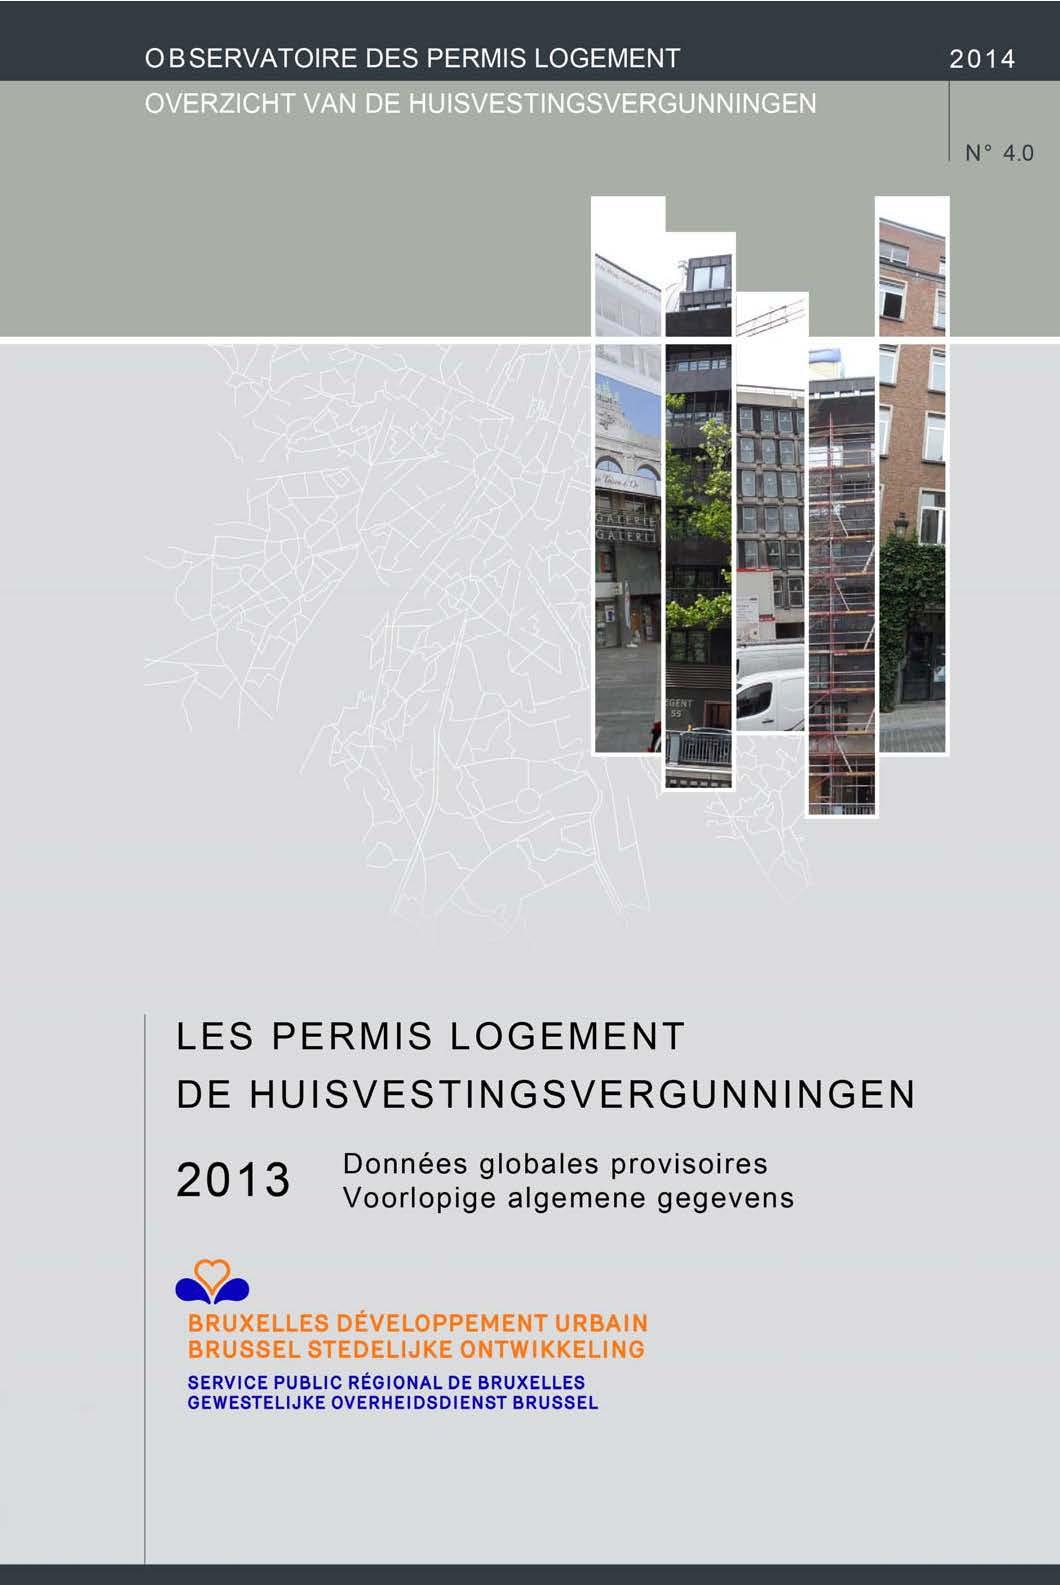 De vierde editie van het Overzicht van de Huisvestingsvergunning